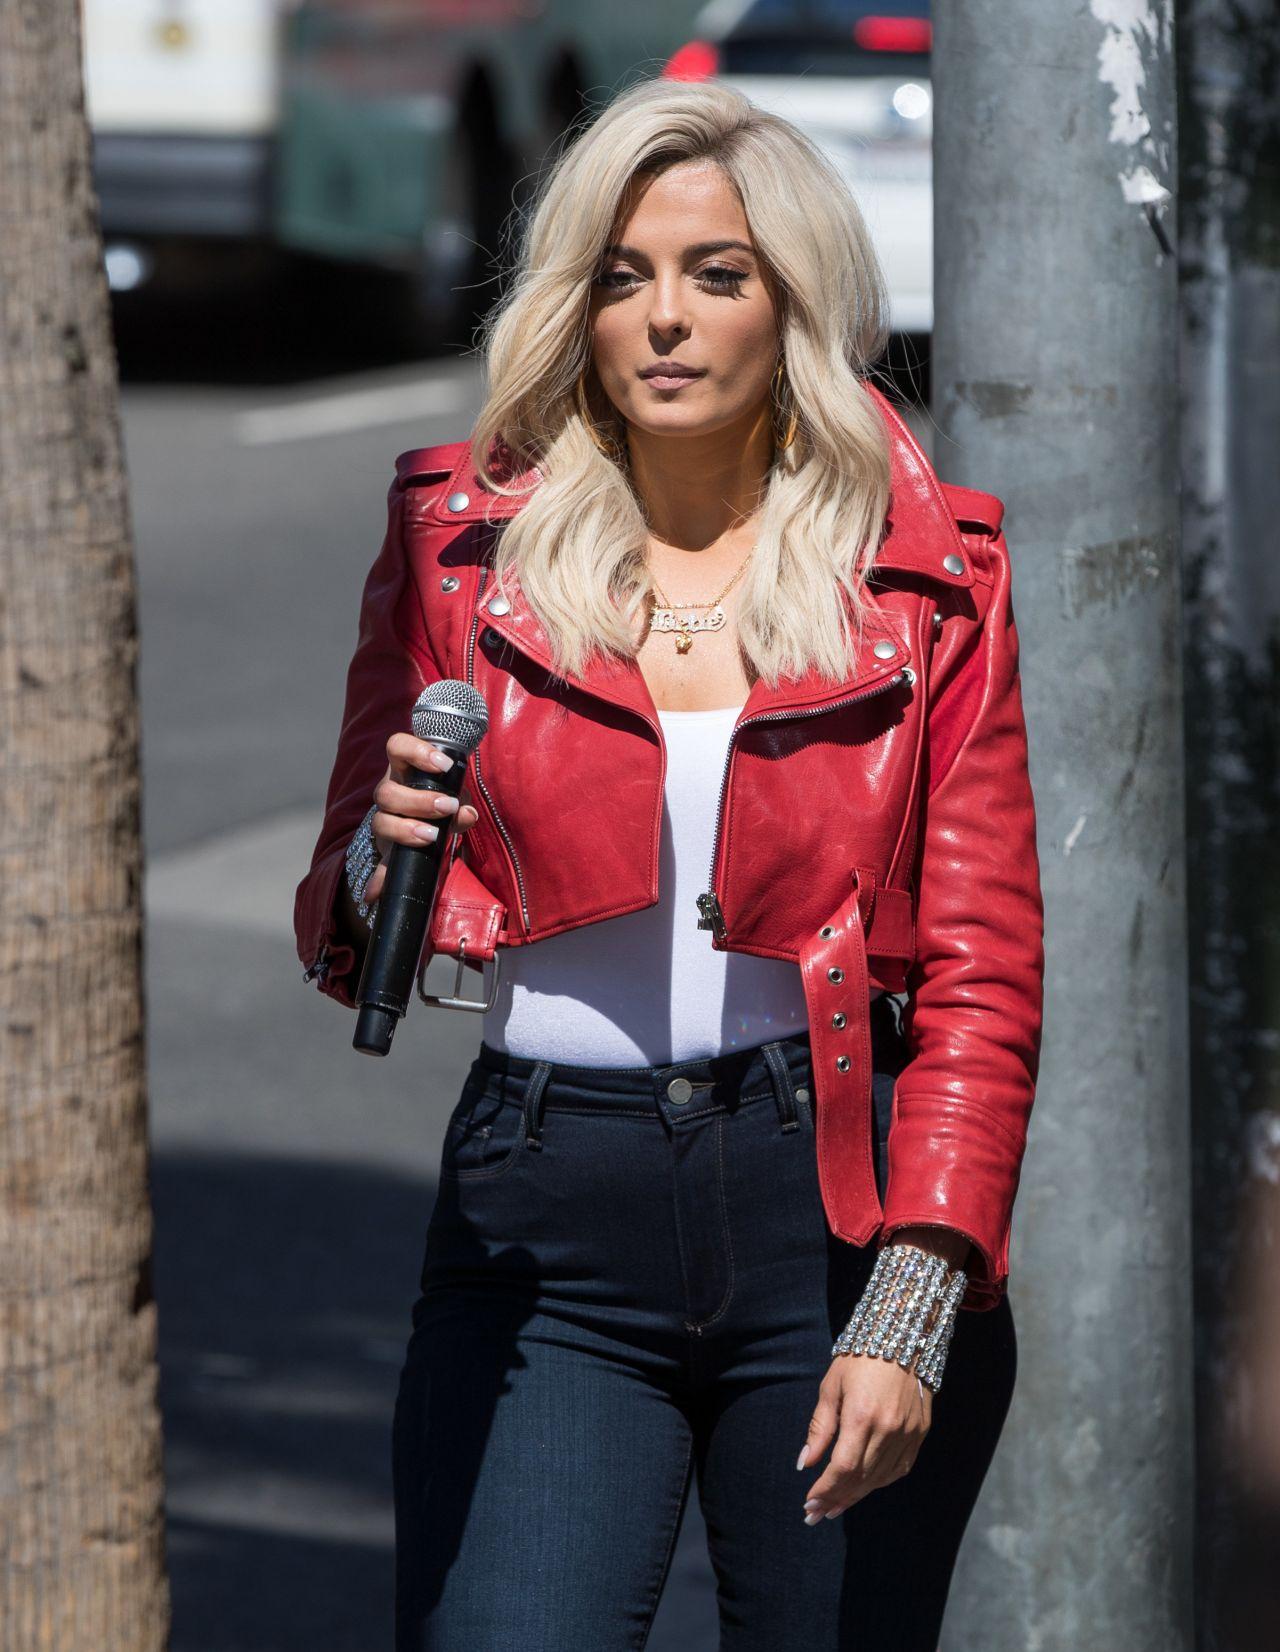 Bebe Rexha Arriving Appear Jimmy Kimmel Live La 06092017 795333